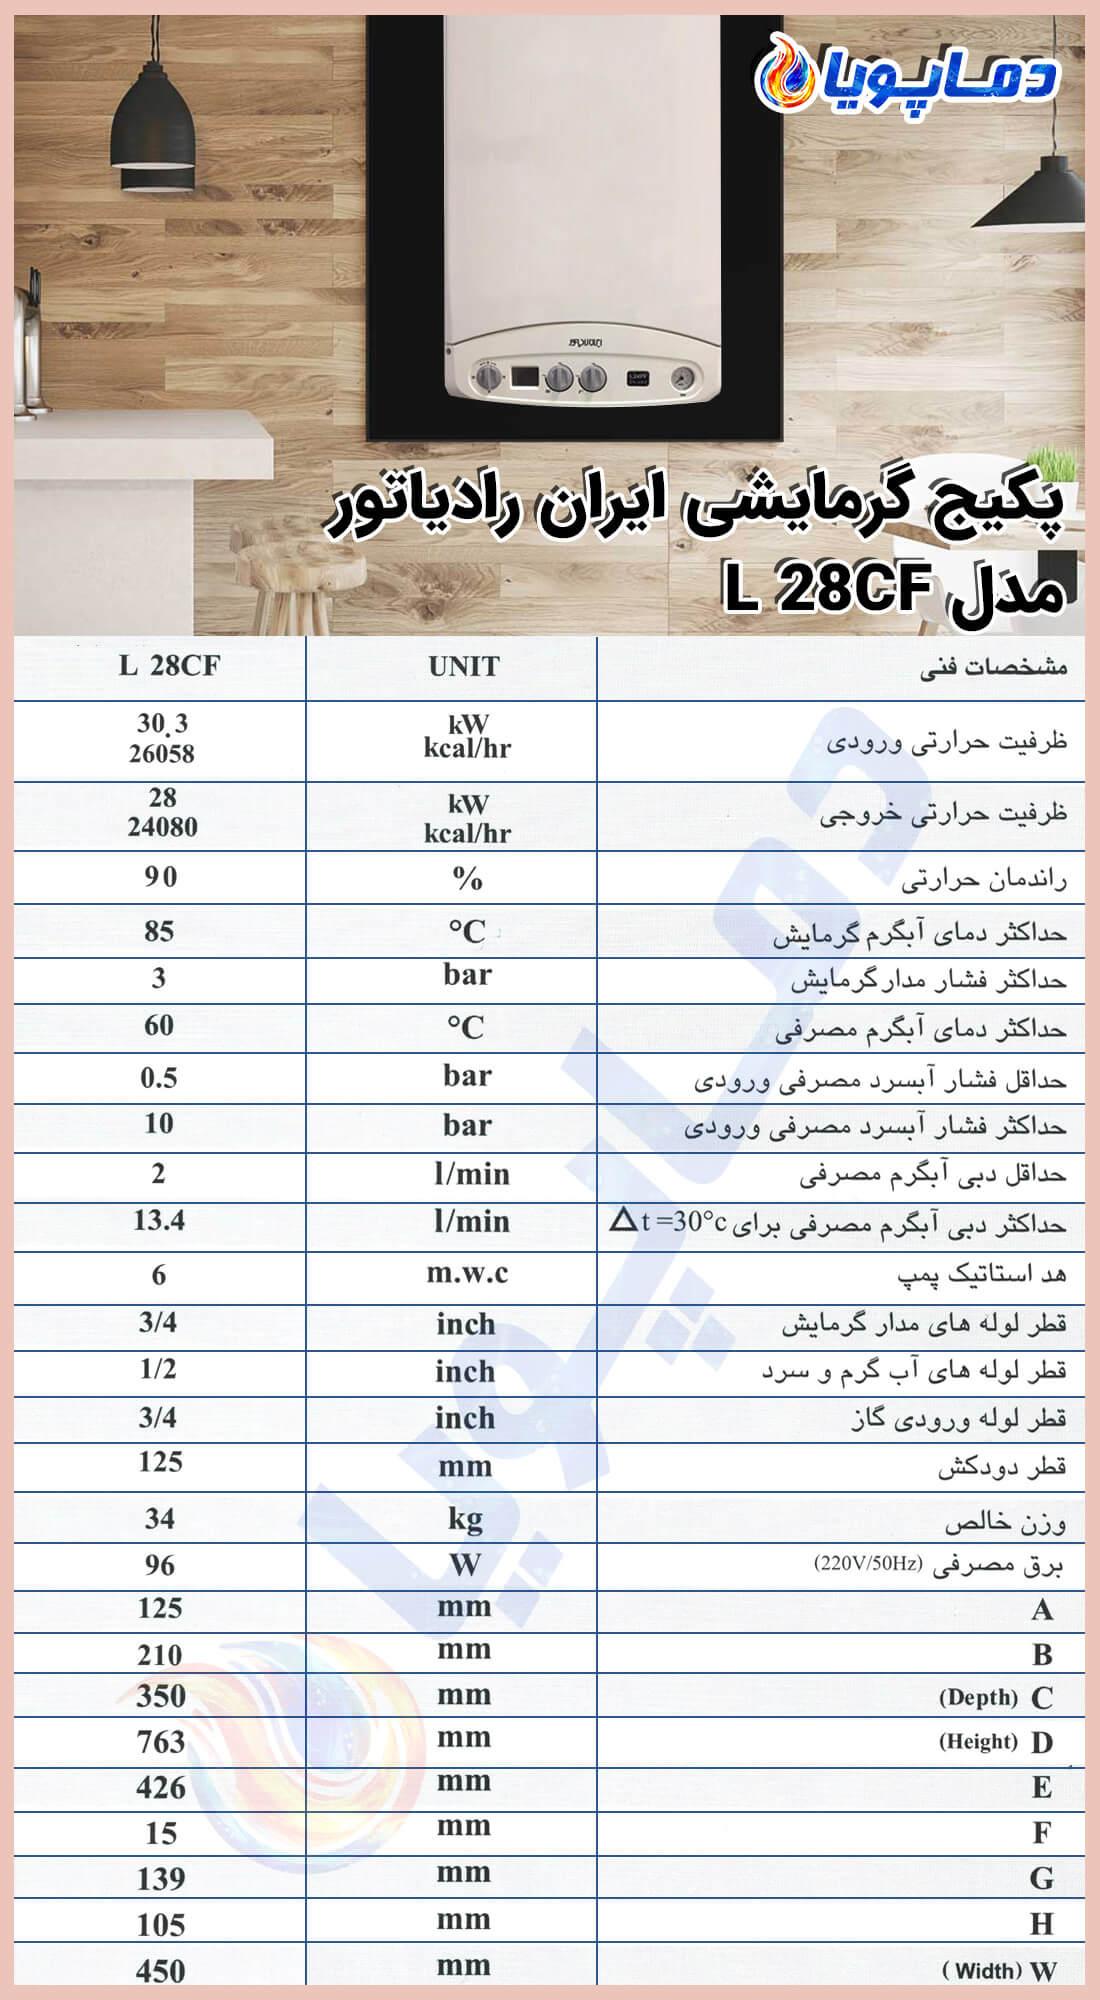 کاتالوگ پکیج دیواری ایران رادیاتورمدل L28CF